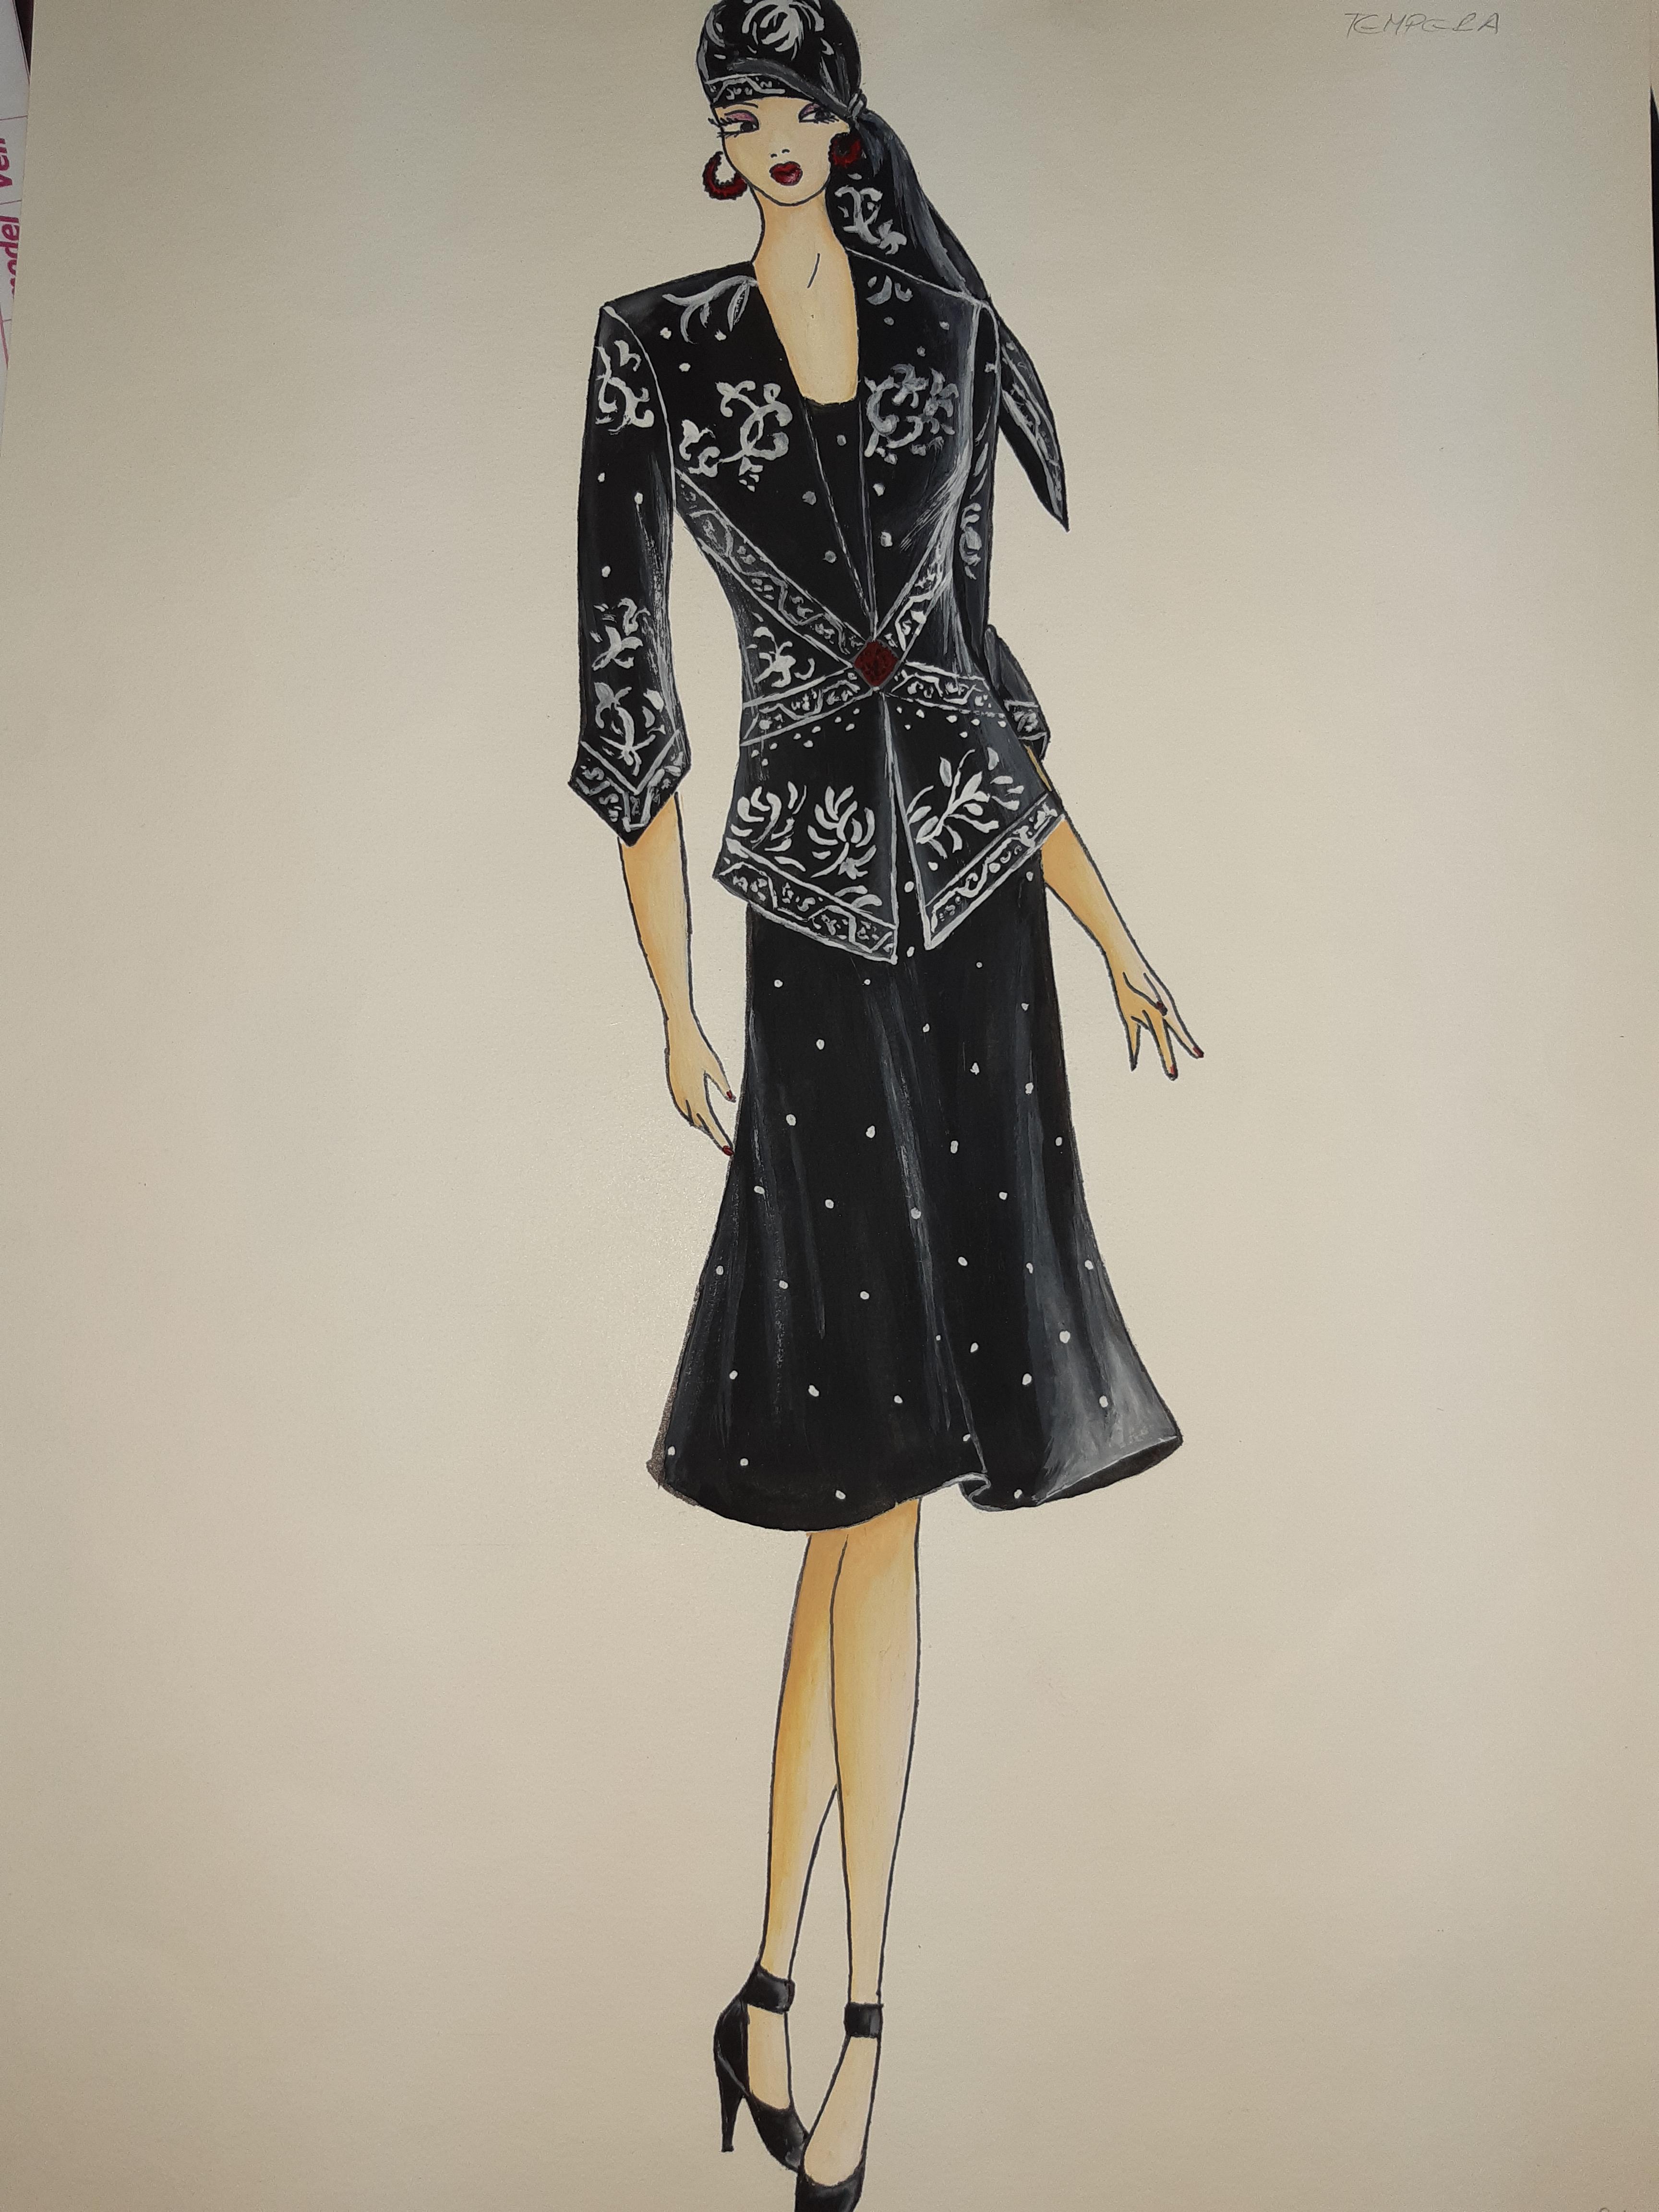 Početak programa Modni stilist odjeće s marketingom